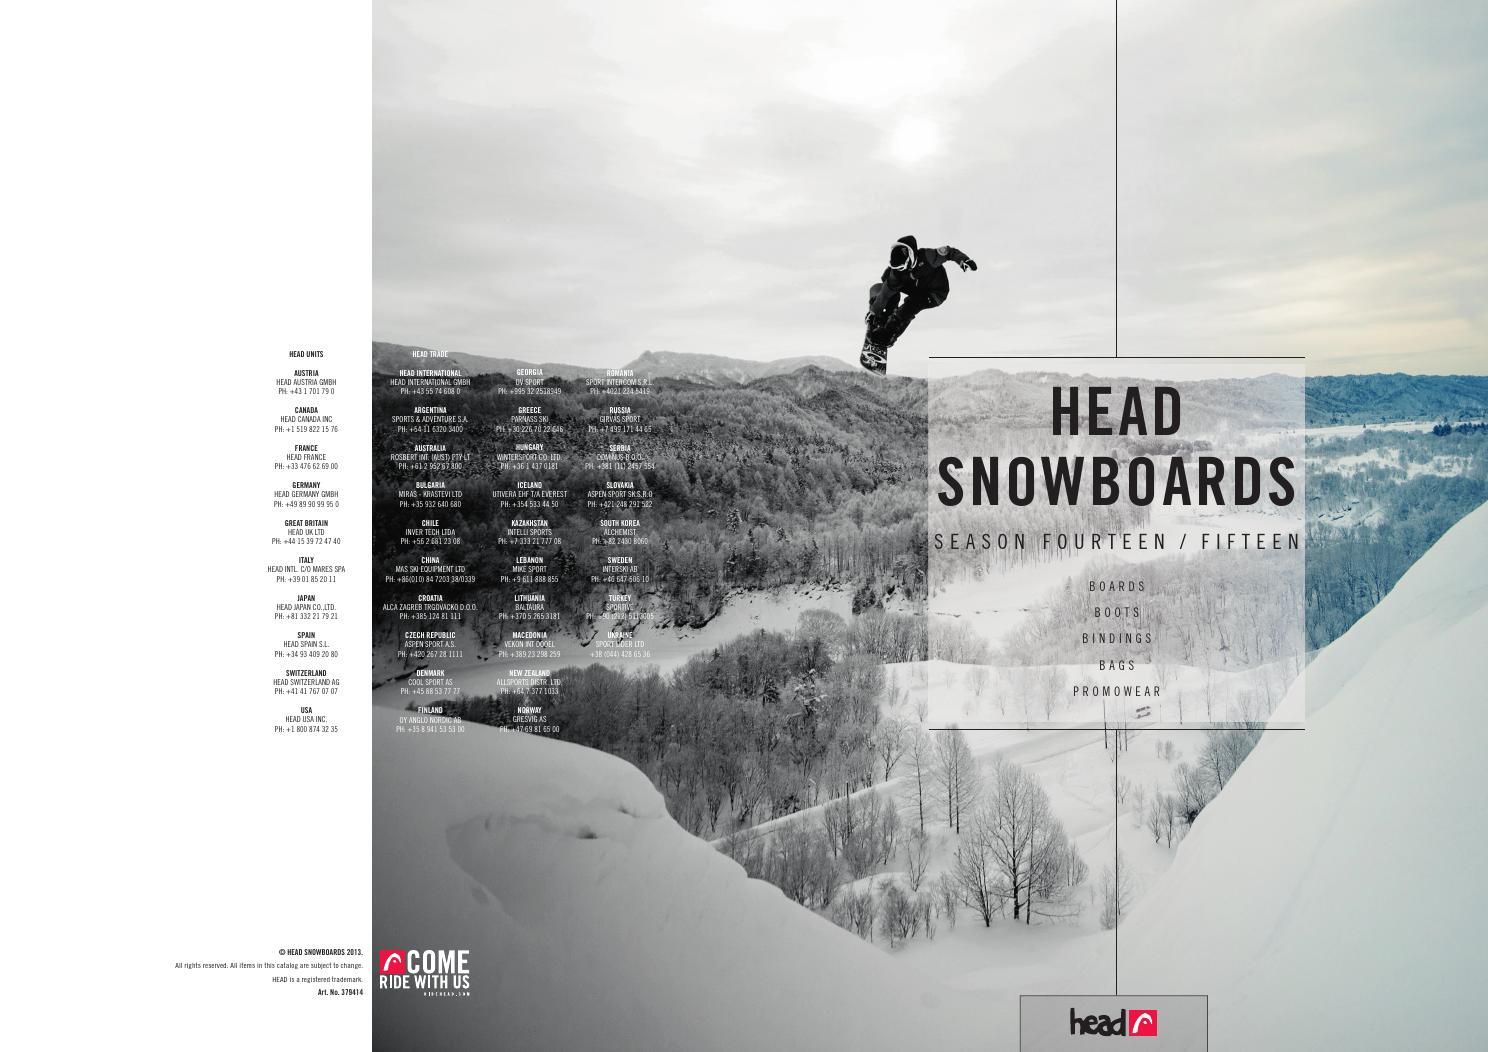 e00e5b87e2 Head catalogue 1415 en by snowboardscatalog - issuu